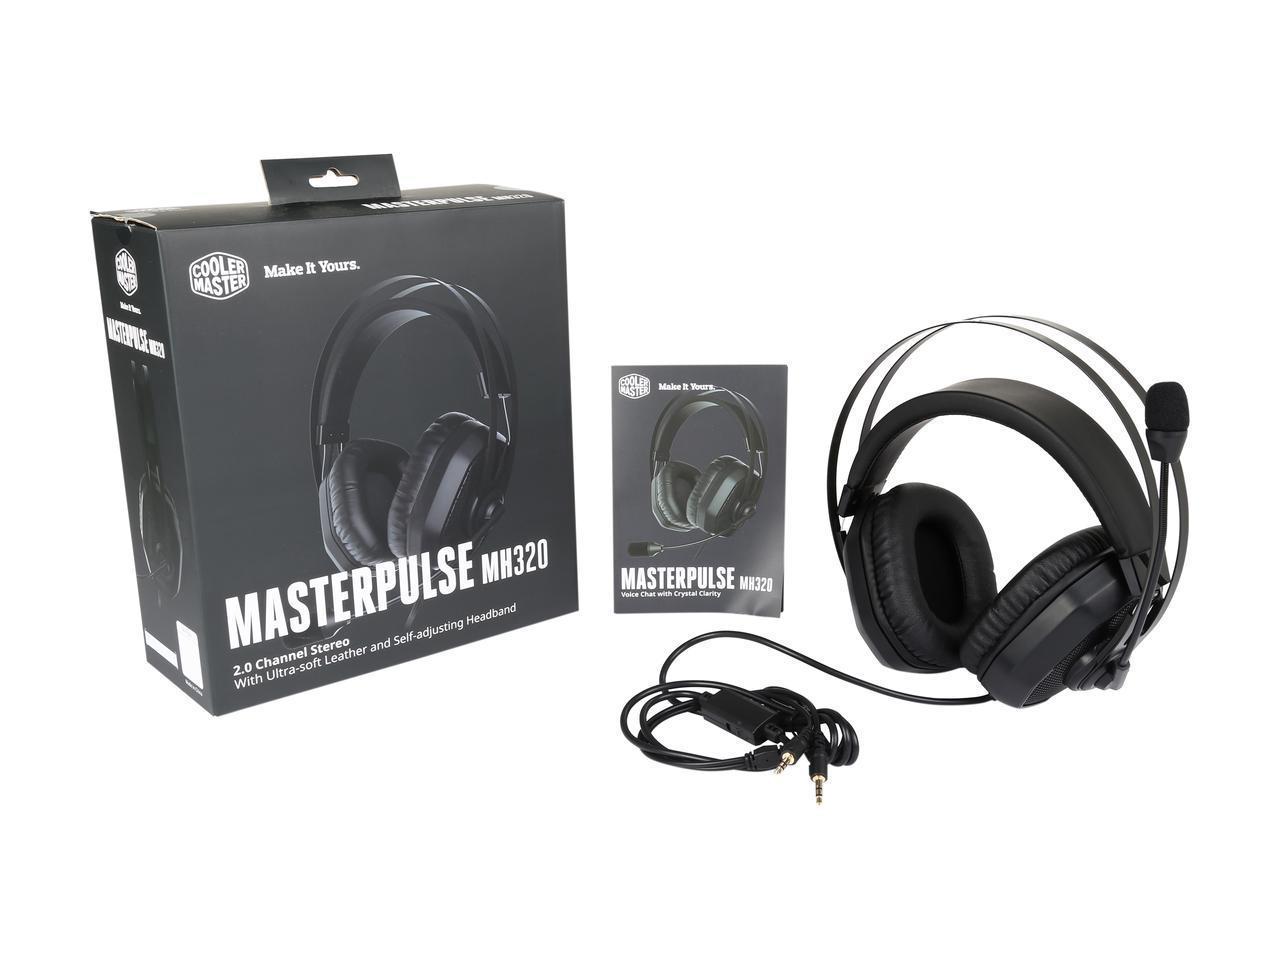 Геймърски слушалки Cooler Master MasterPulse MH320, Микрофон, Черно/Сиво